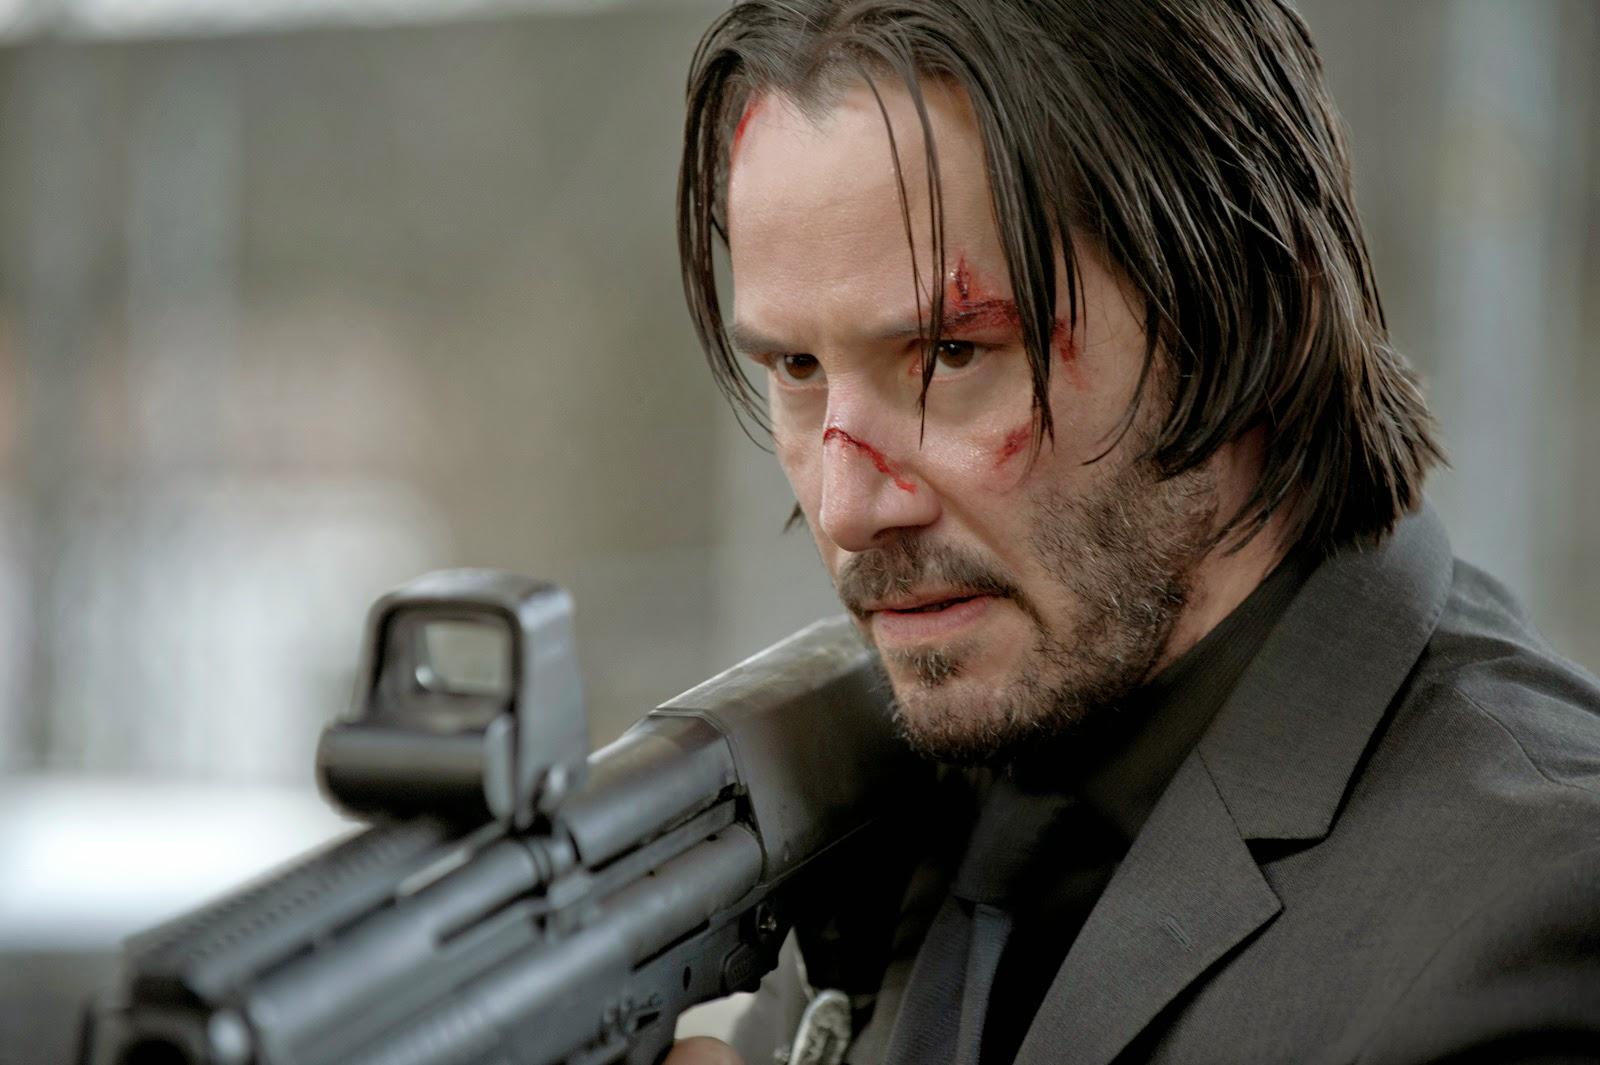 image of john wick holding a shotgun